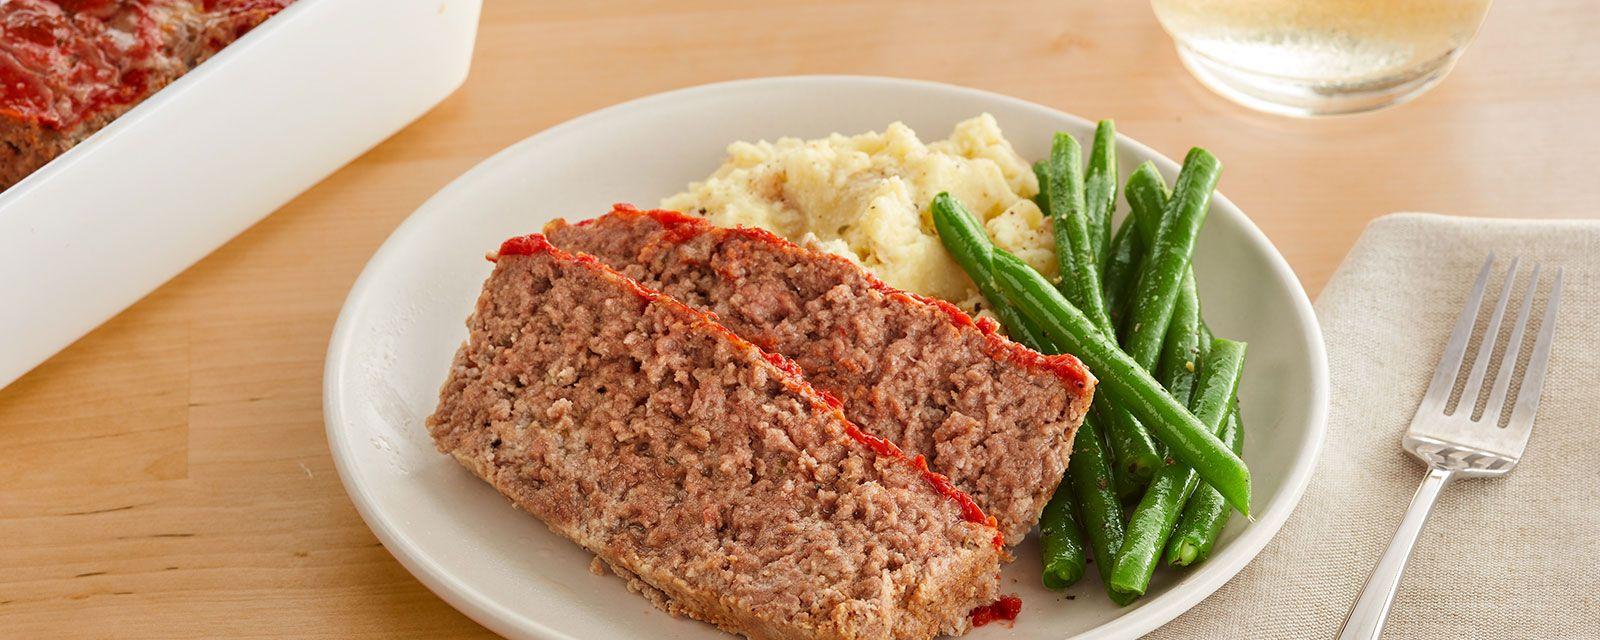 Keto Meatloaf Recipe Hidden Valley Ranch Recipe Recipes Keto Recipes Dinner Meatloaf